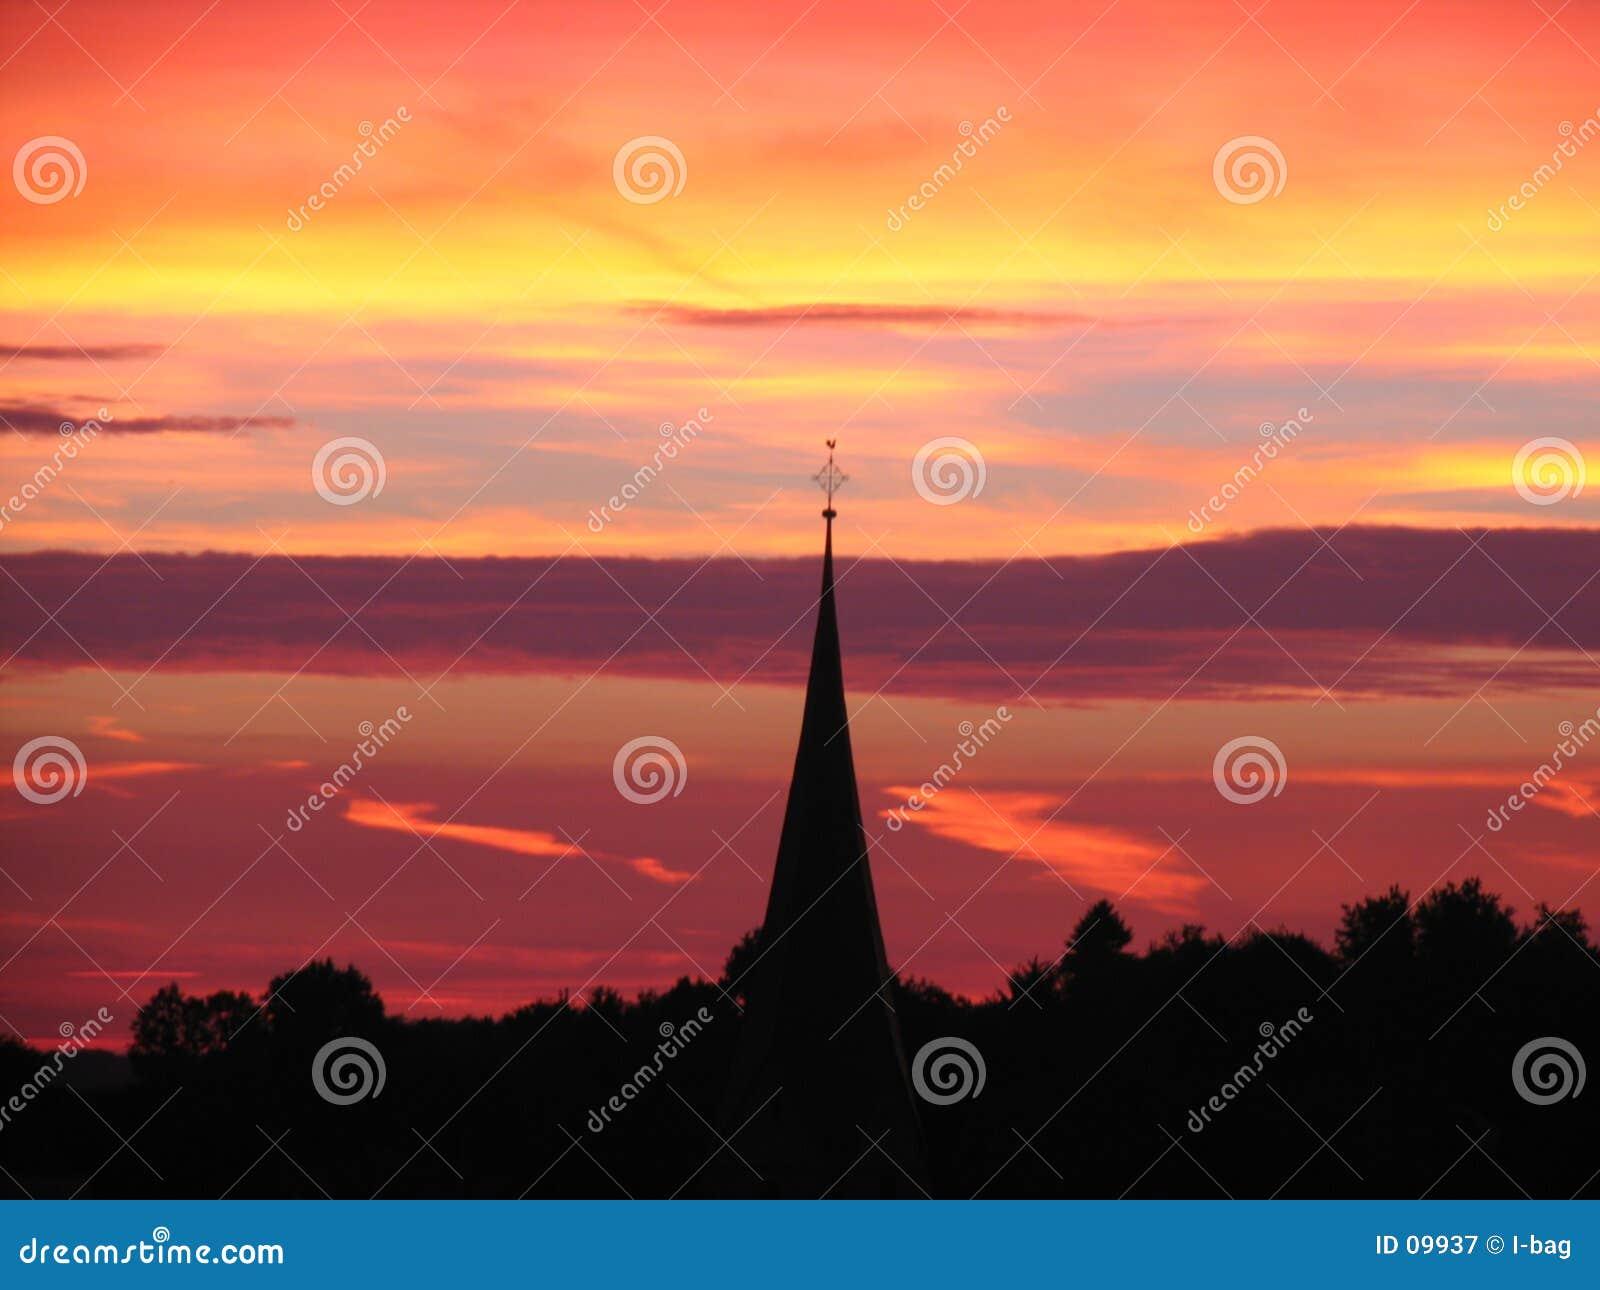 Zonsondergang achter kerktoren